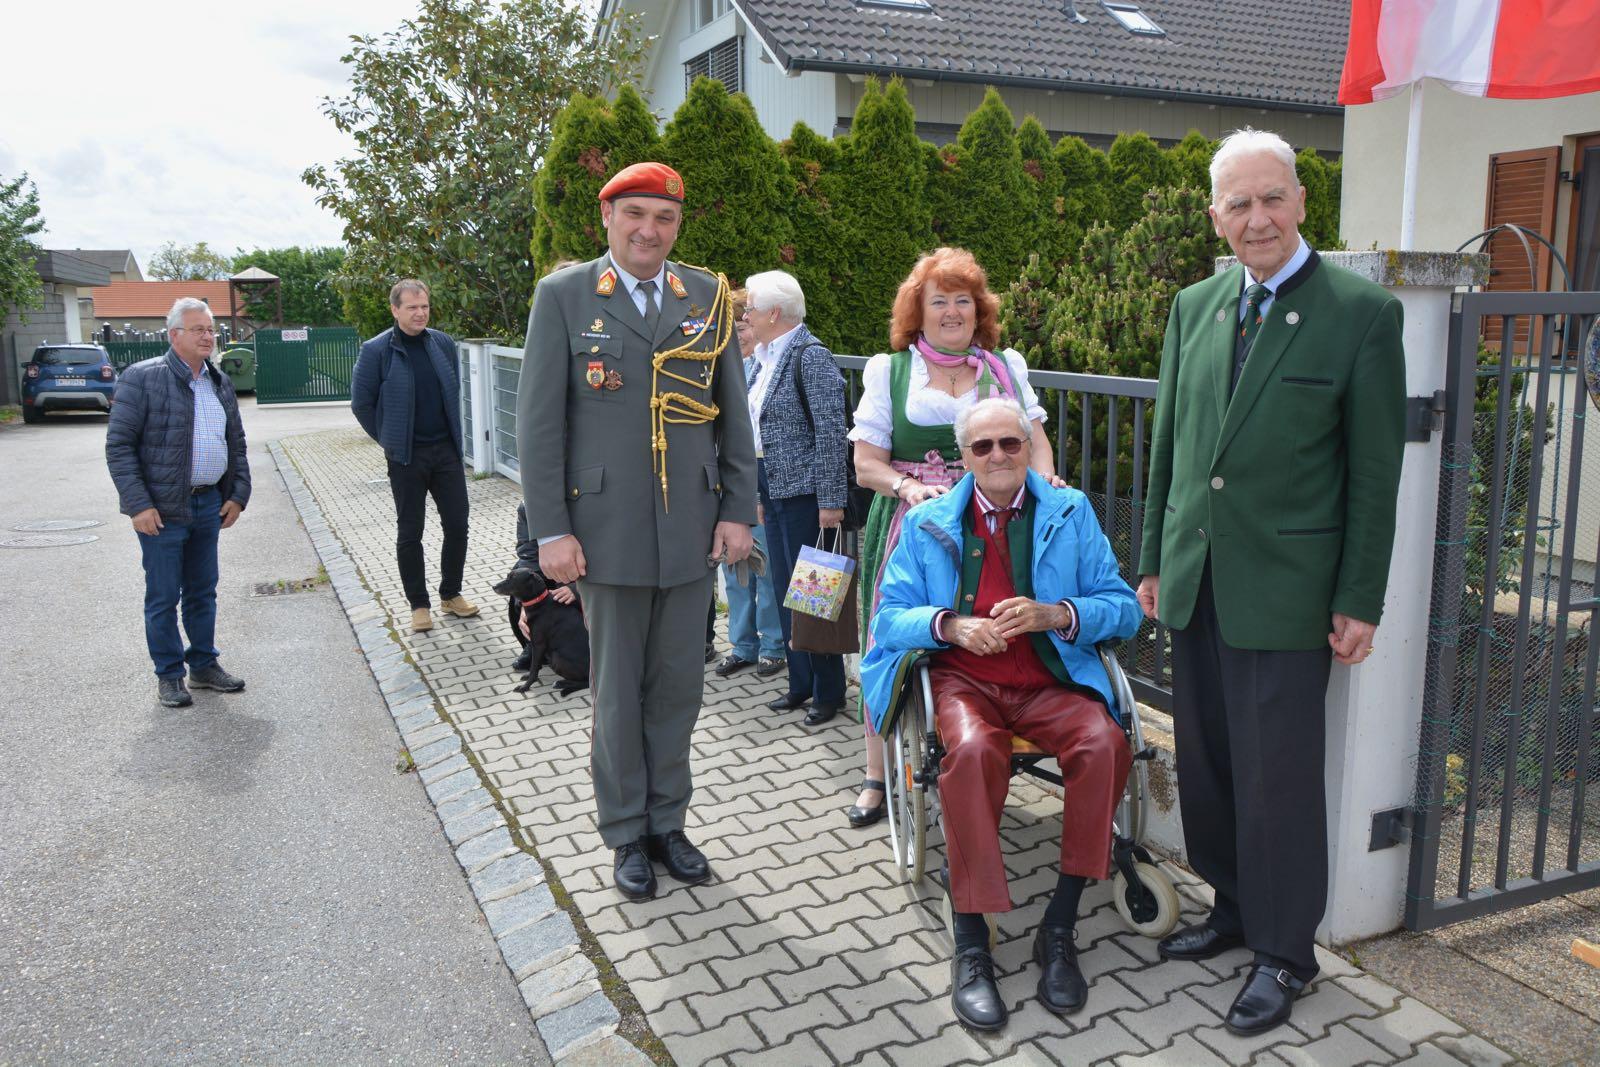 2019_05_09_Garde_Gardemuisk_BgdrNAGL - 11 of 36